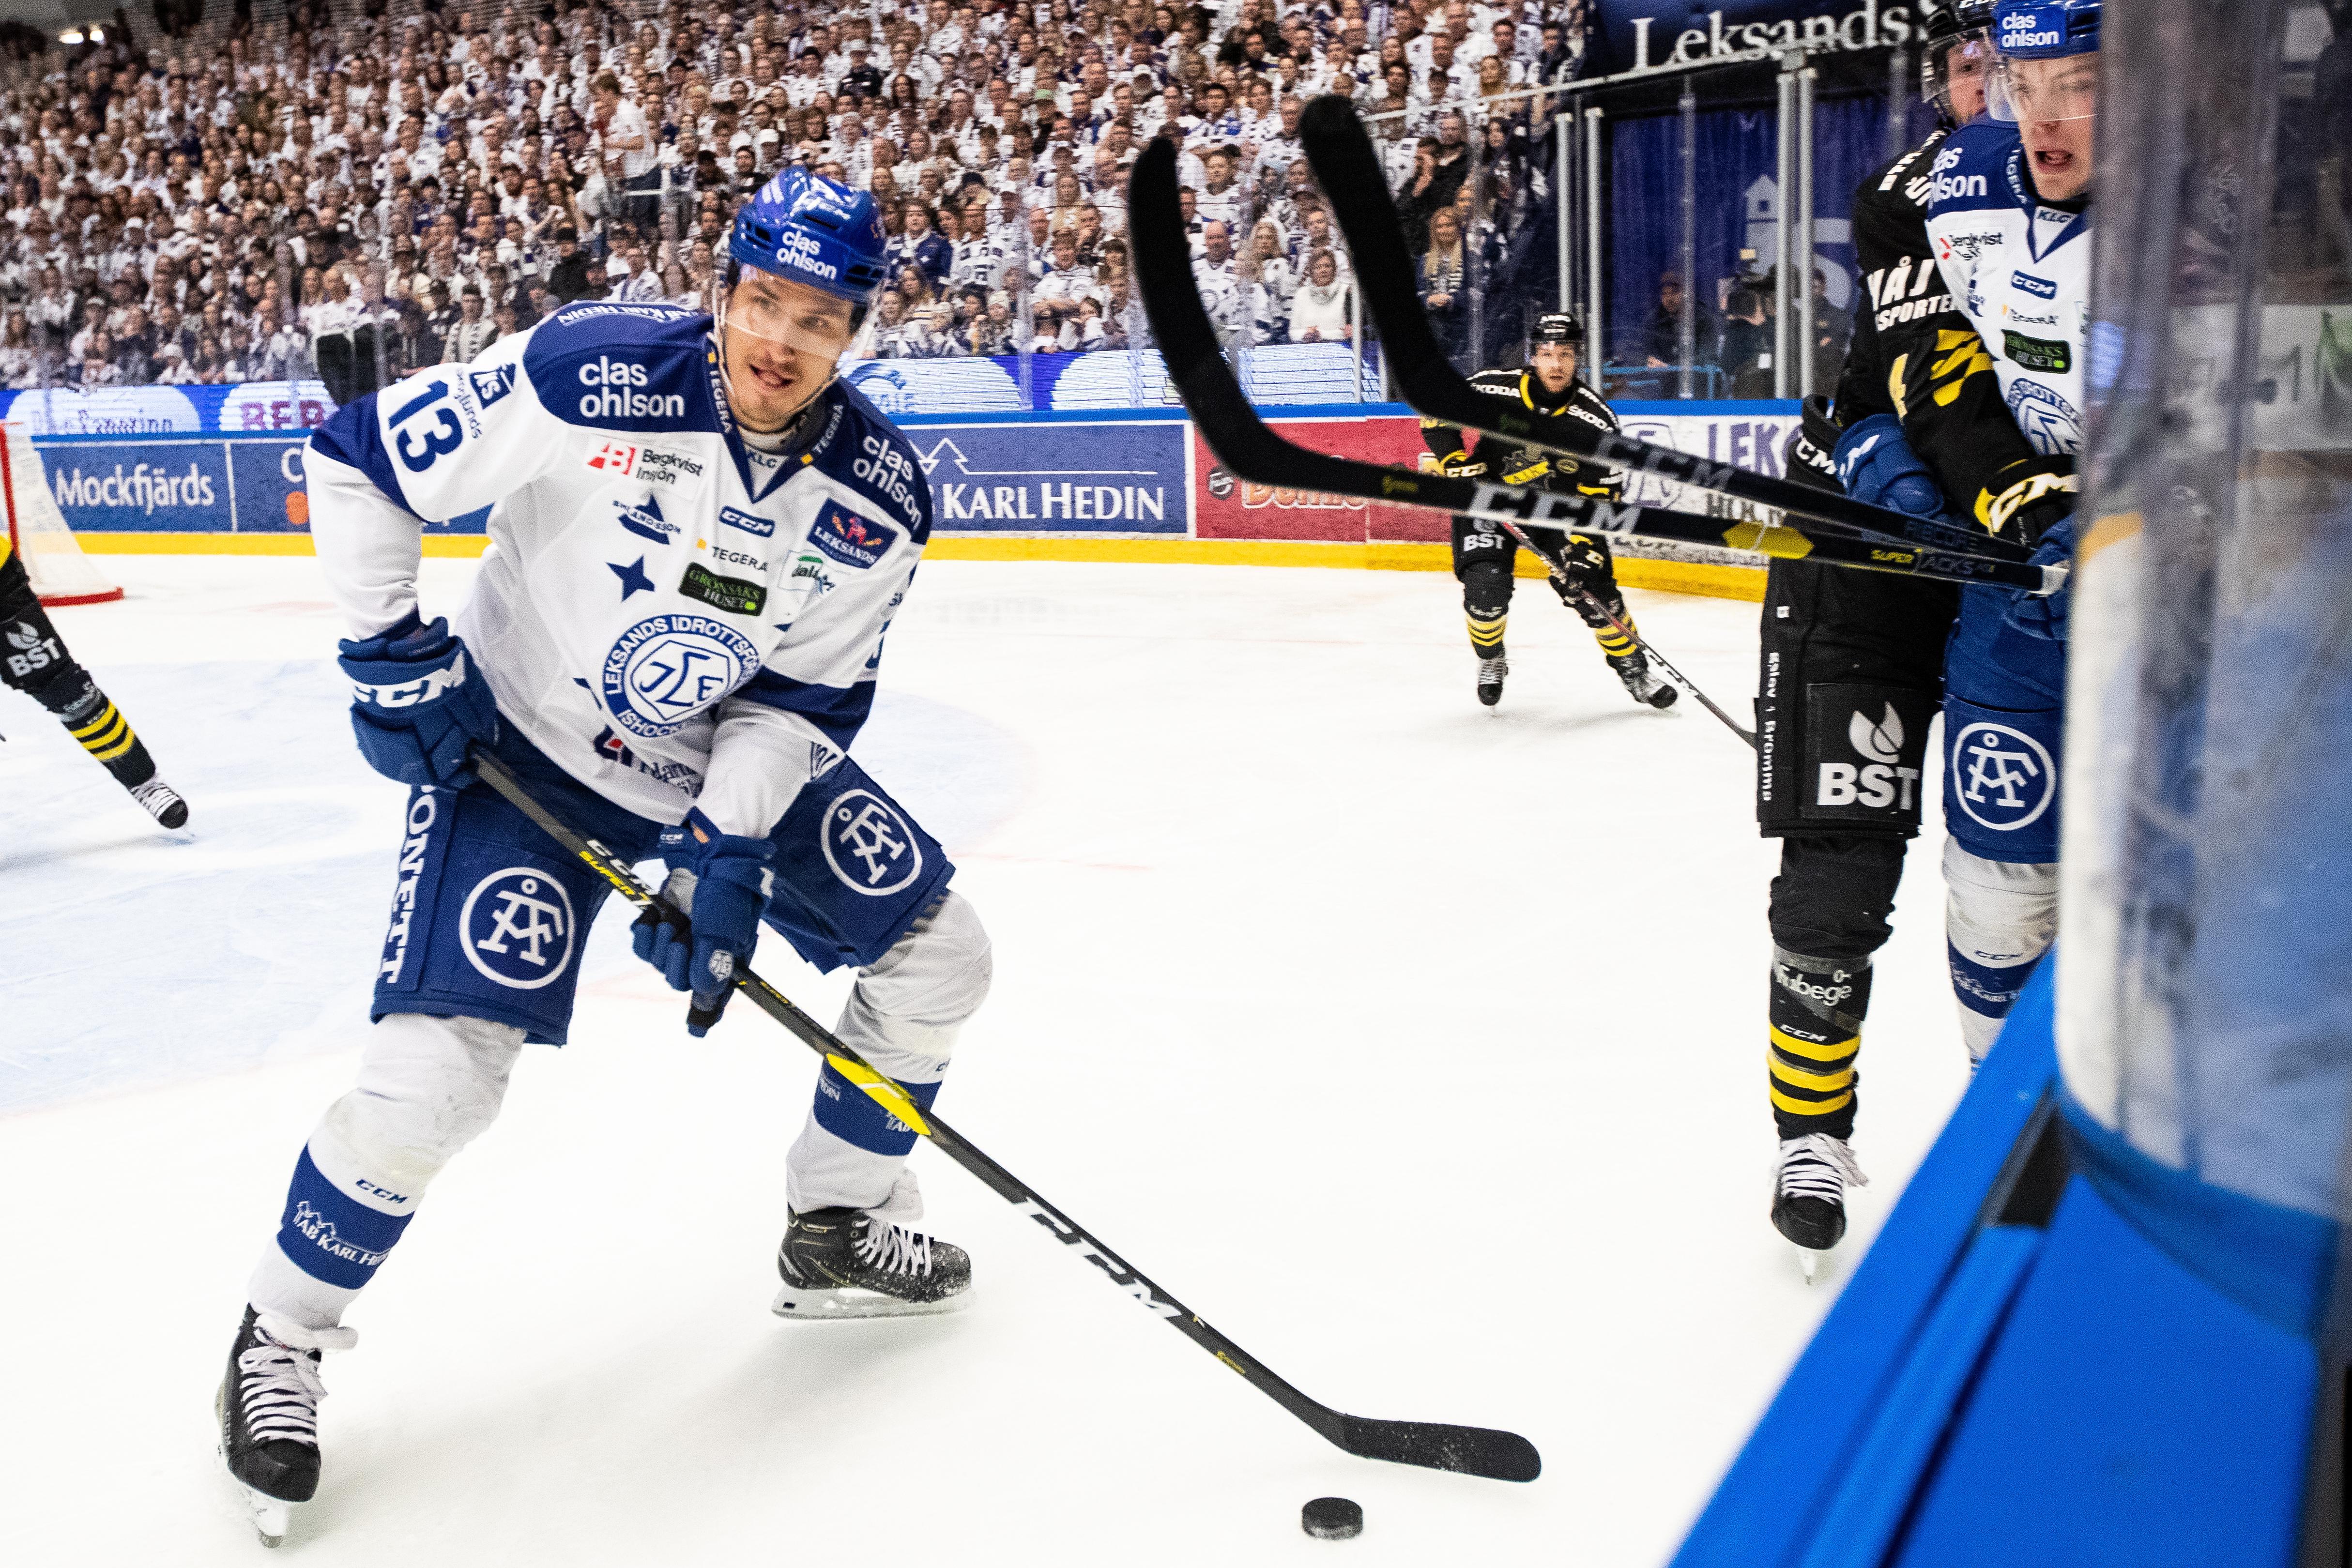 Jon Knuts med pucken i den andra matchen mot AIK, som spelades i söndags. Foto: Daniel Eriksson/Bildbyrån.